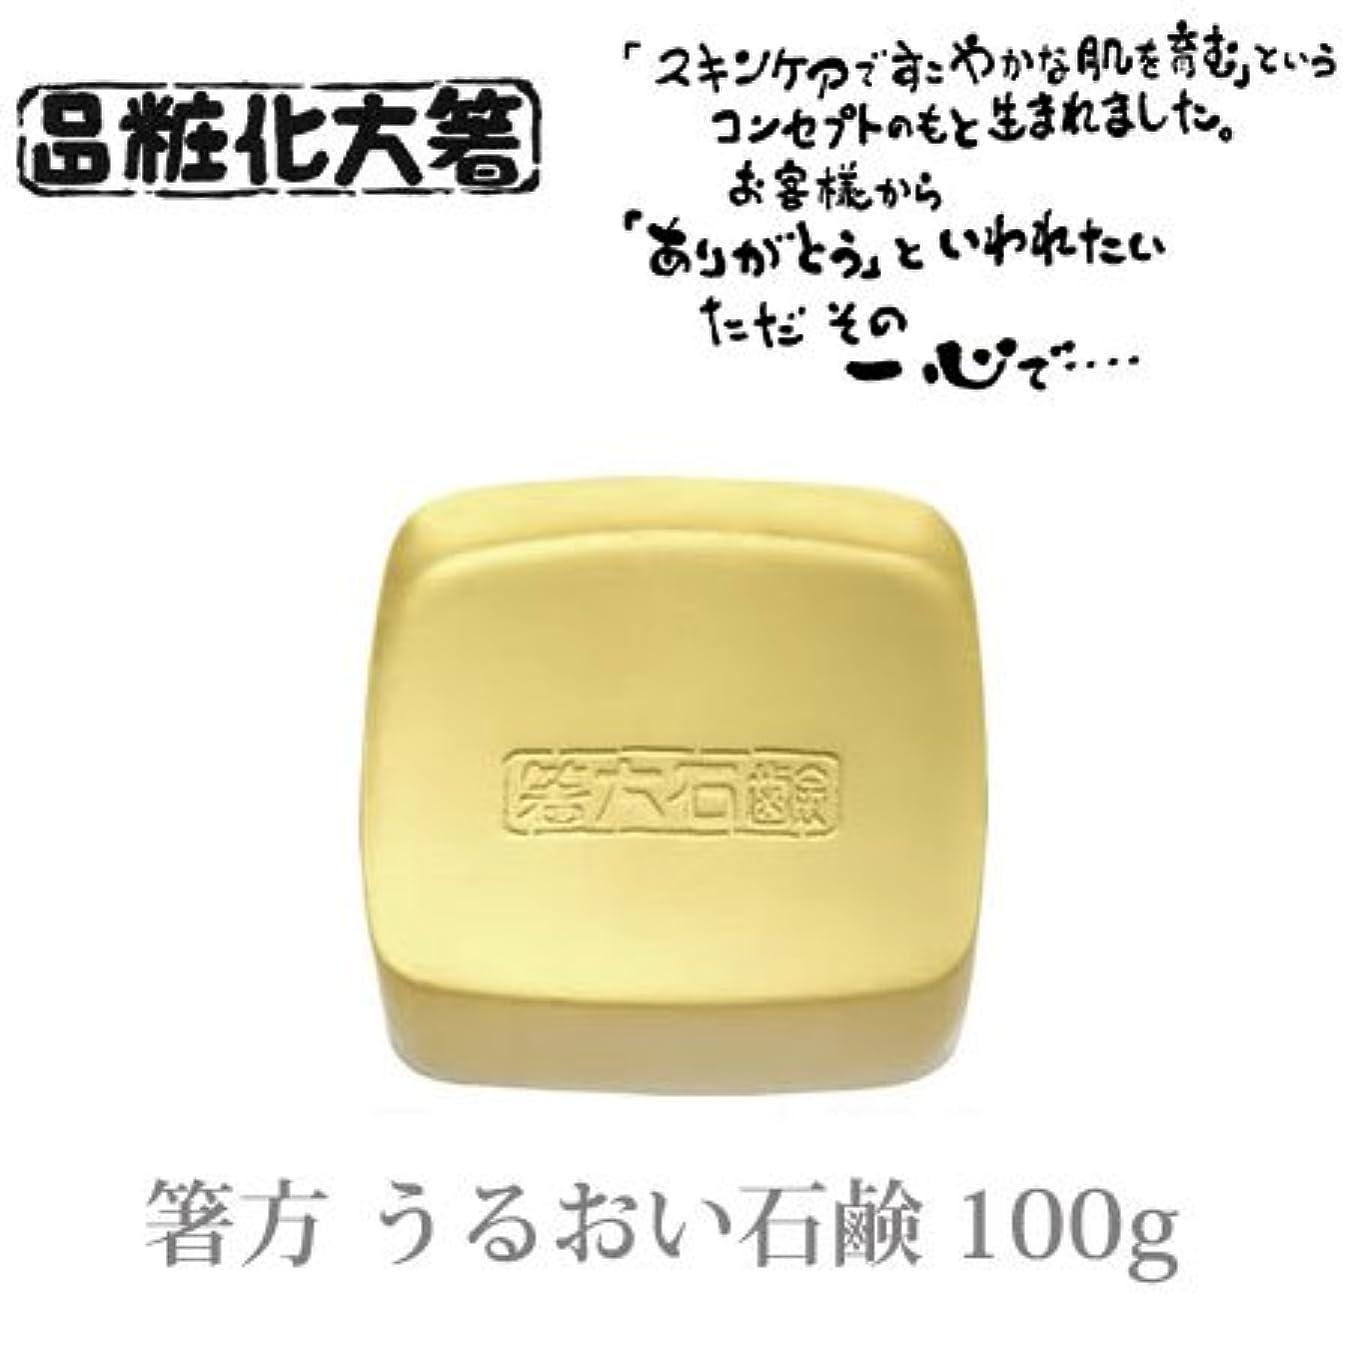 場合輪郭敏感な箸方化粧品 うるおい石鹸 100g はしかた化粧品